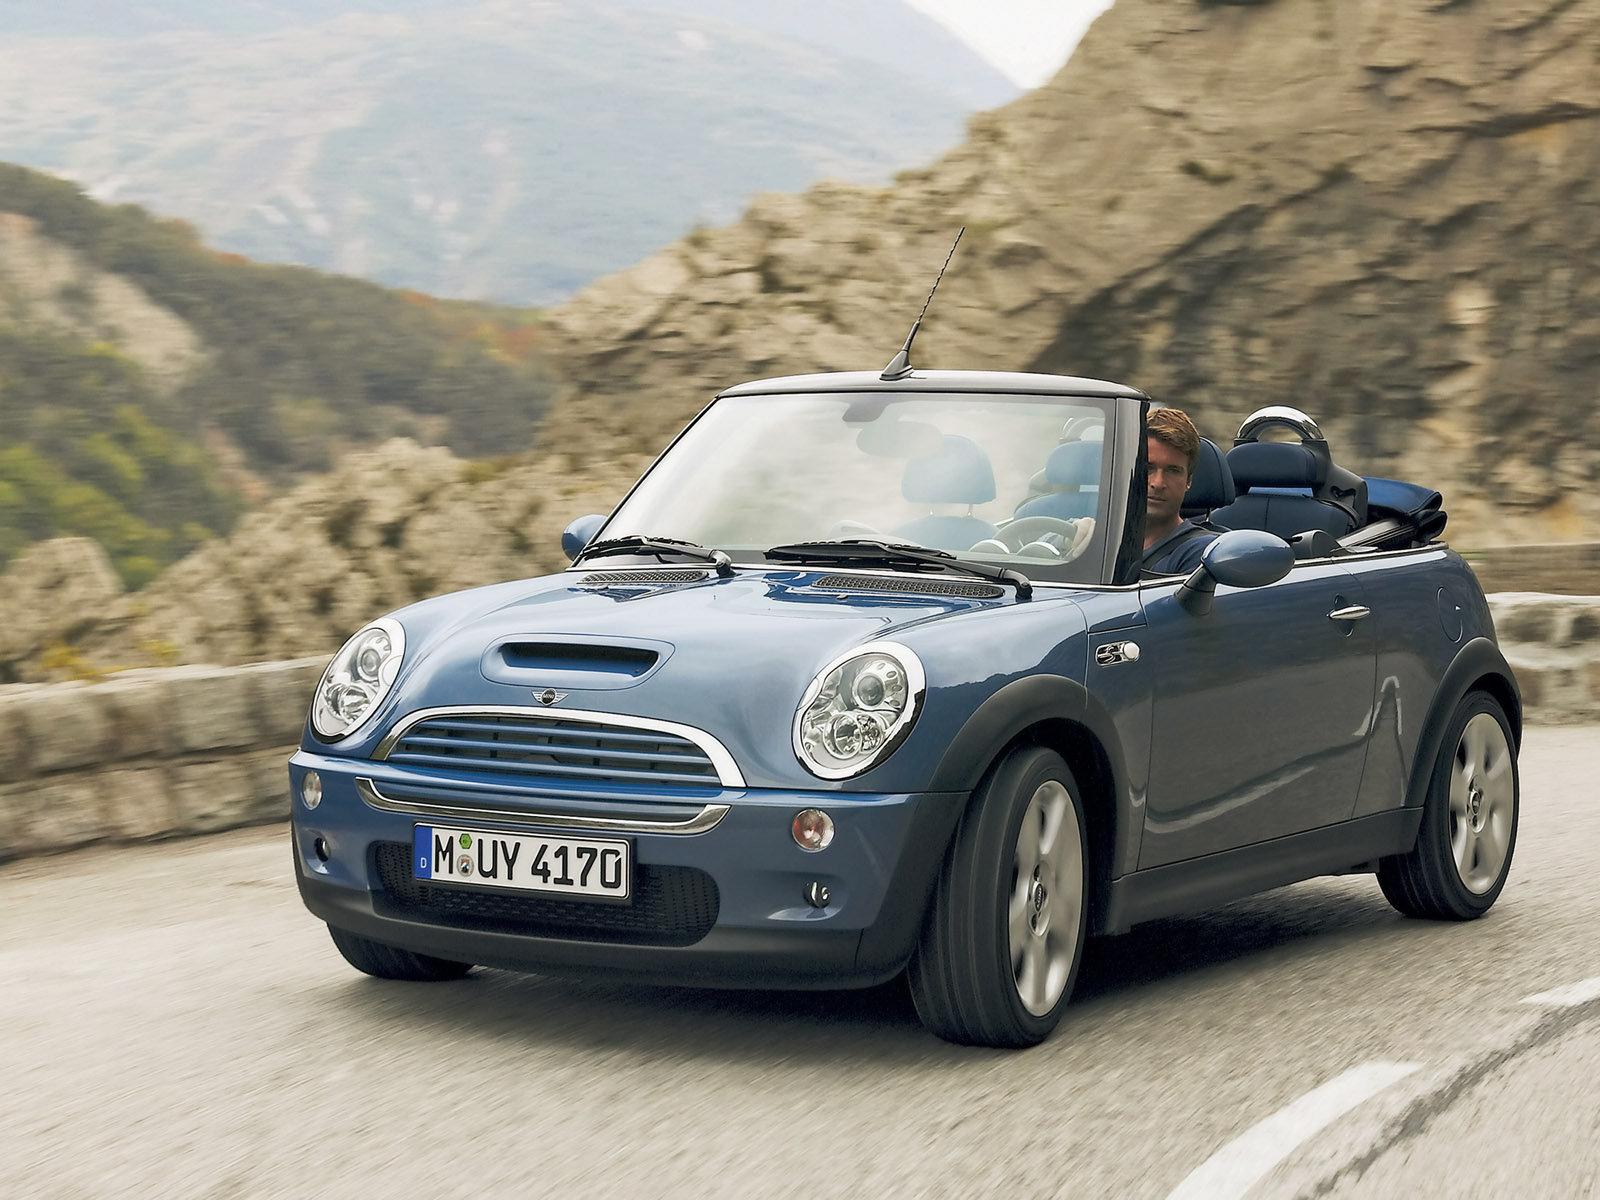 технические характеристики Mini мини Cooper S Cabrio 2 дв